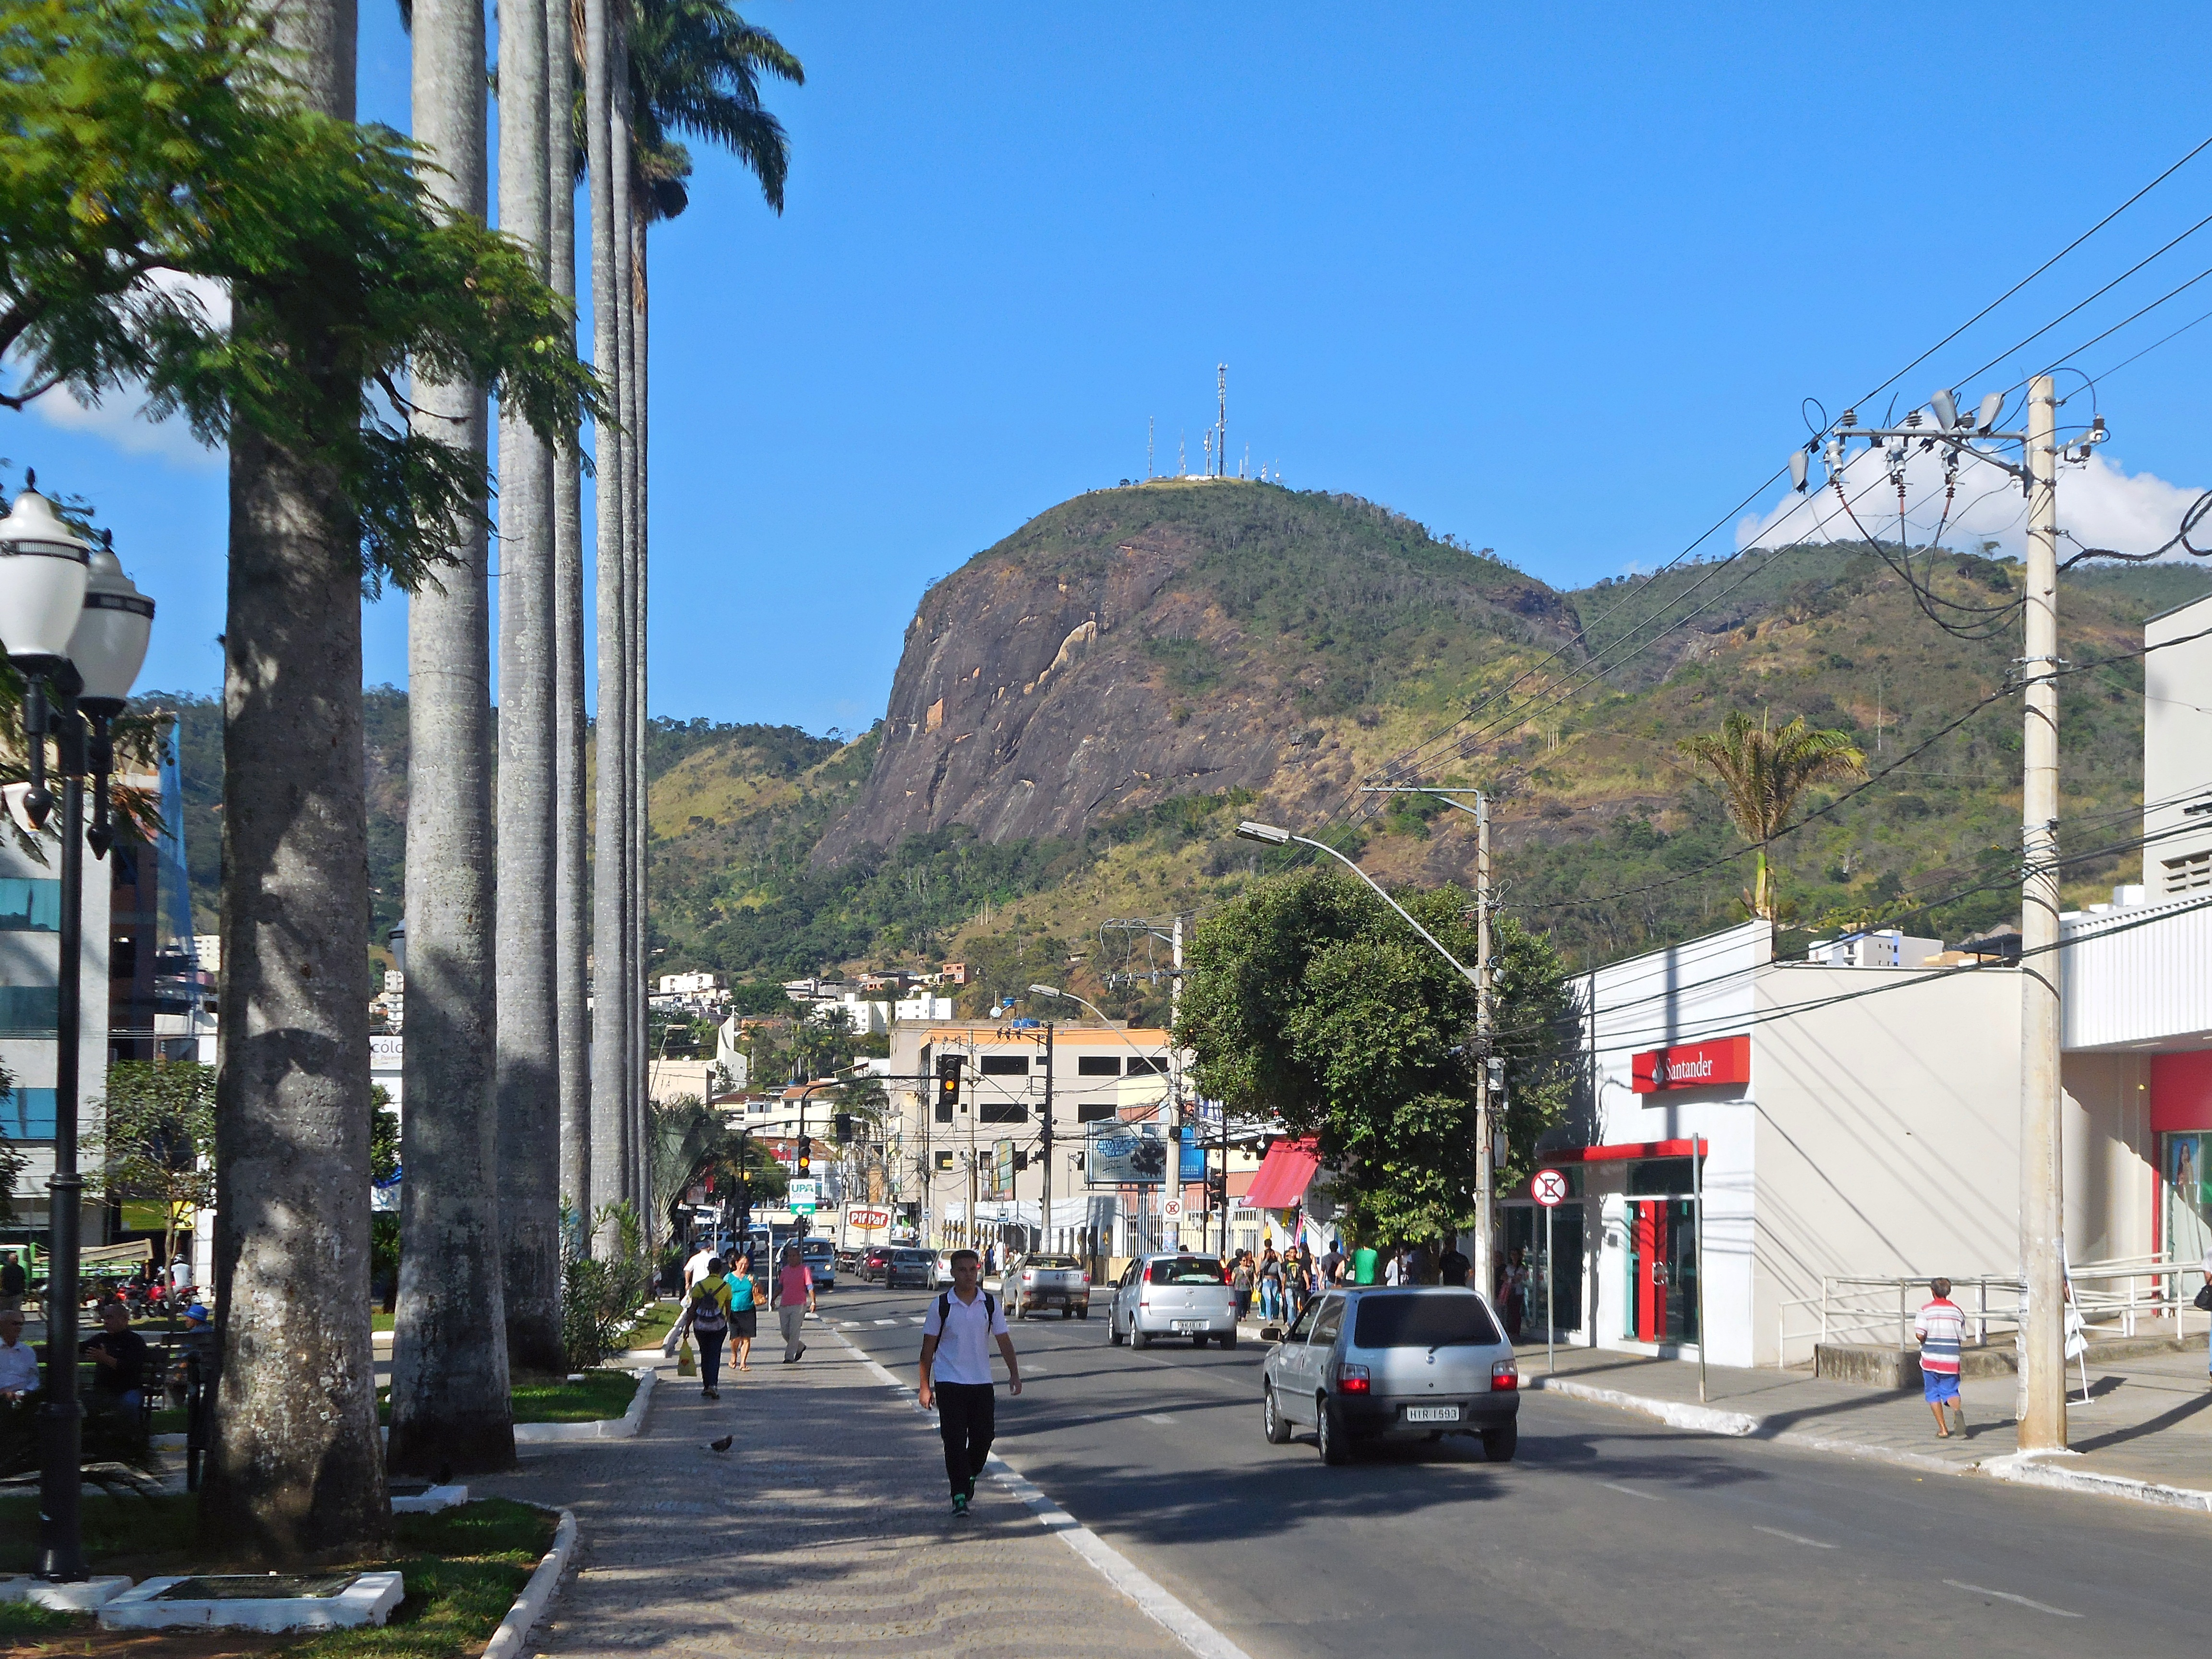 Caratinga Minas Gerais fonte: upload.wikimedia.org